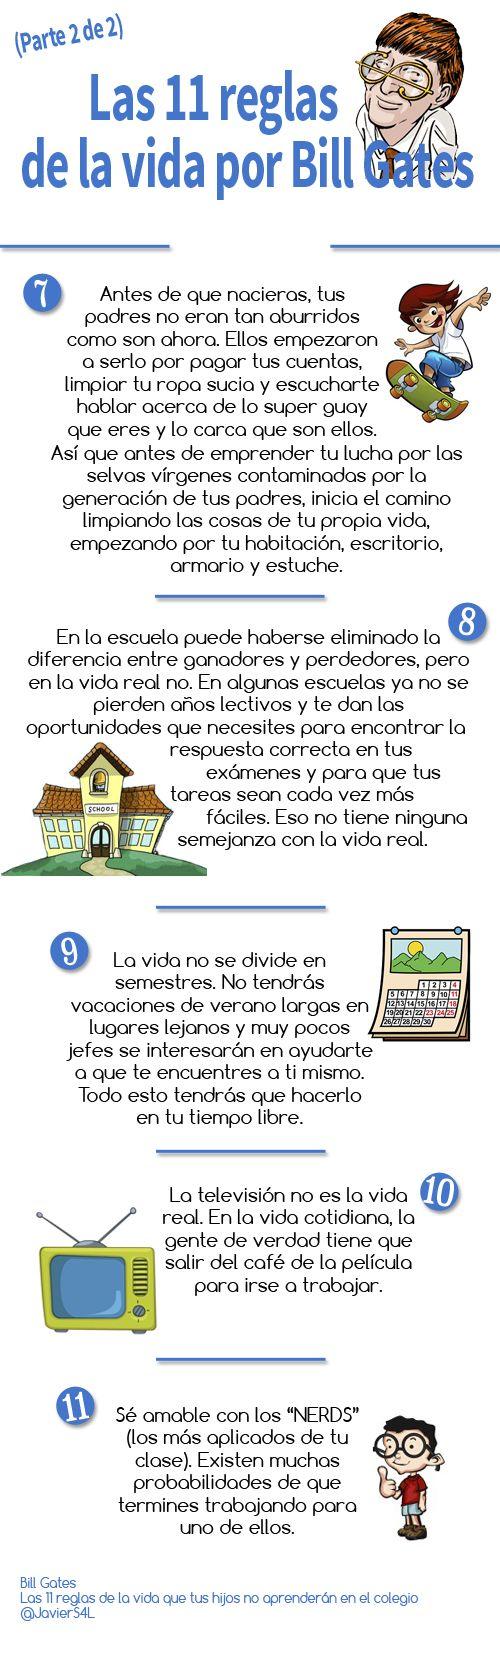 Bill Gates: Las 11 reglas de la vida que tus hijos no aprenderán en el colegio (Parte 2)